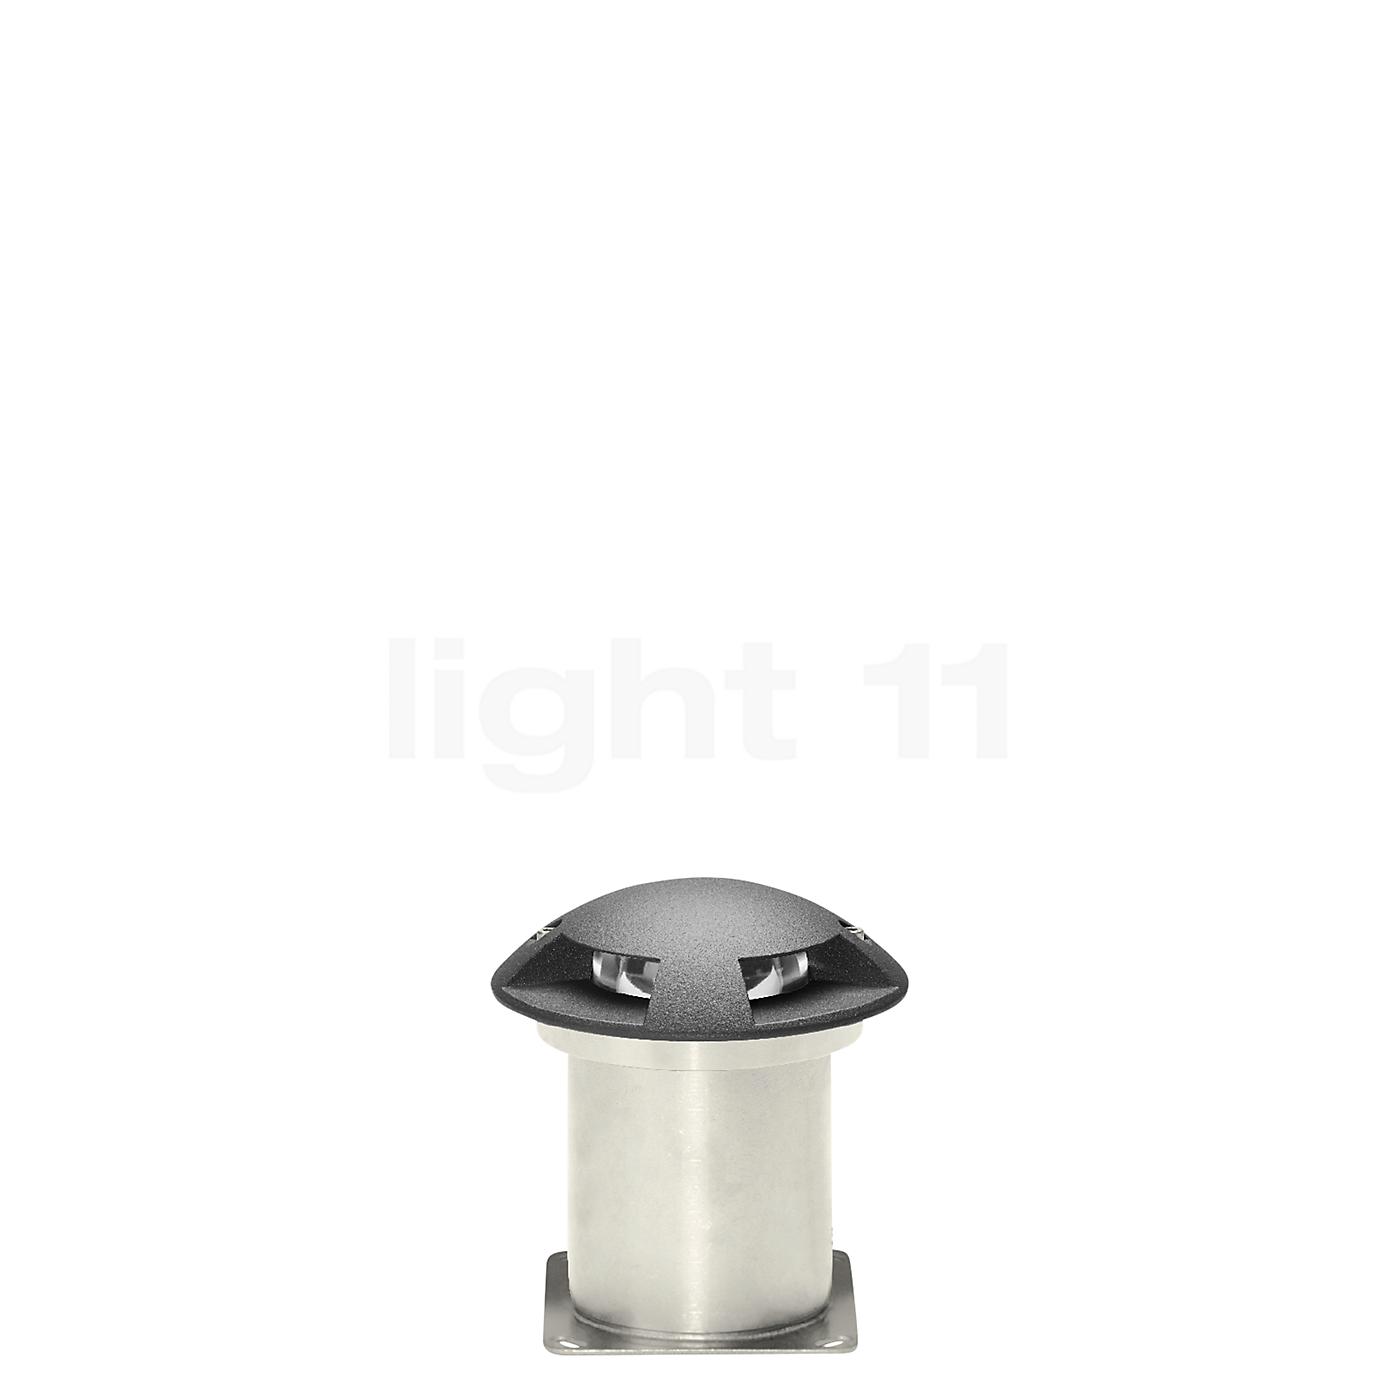 bega 88675 luminaire encastrer 4x 60 led. Black Bedroom Furniture Sets. Home Design Ideas